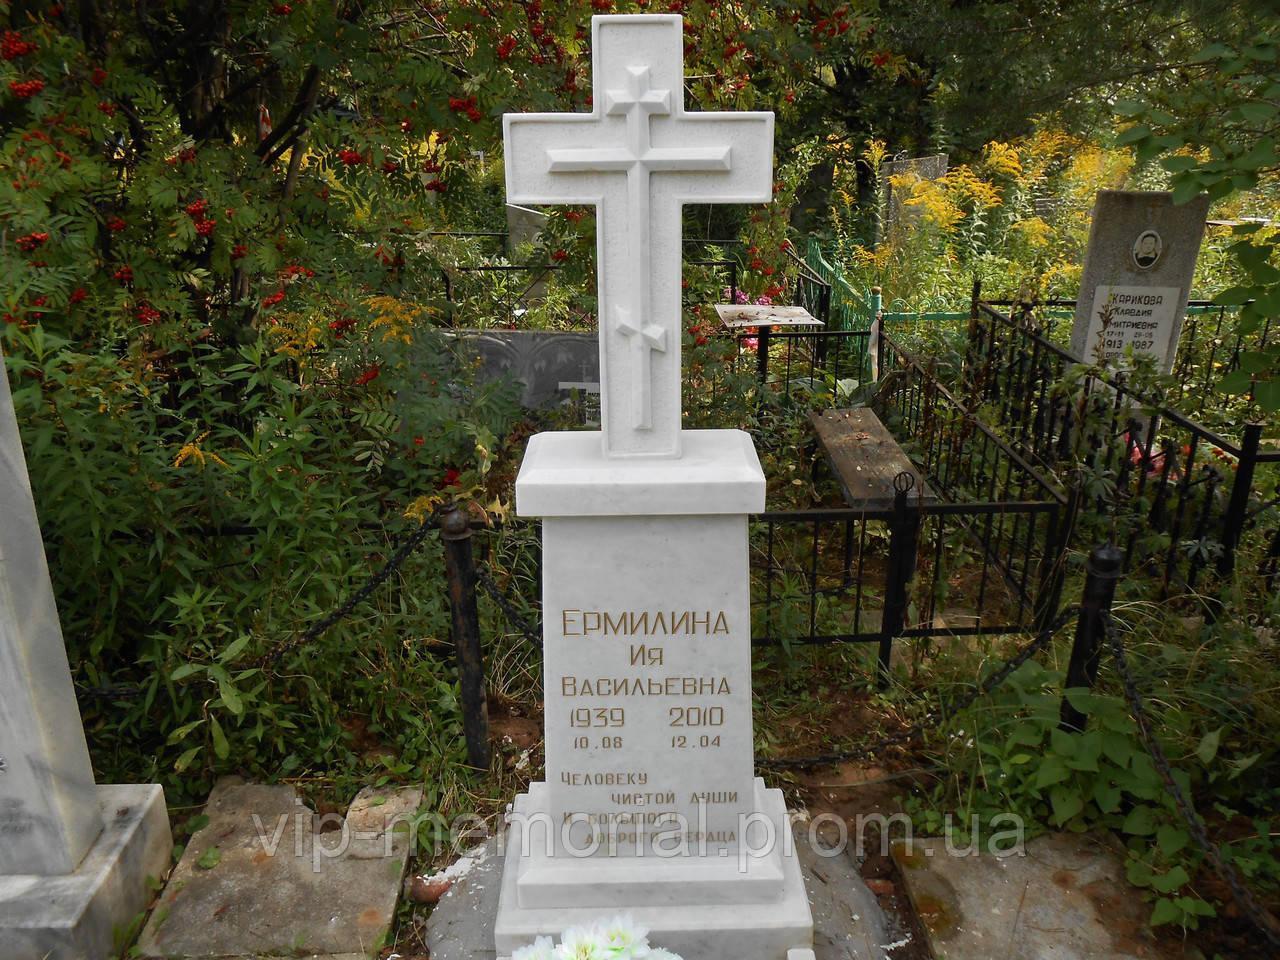 Мраморный памятник М-118